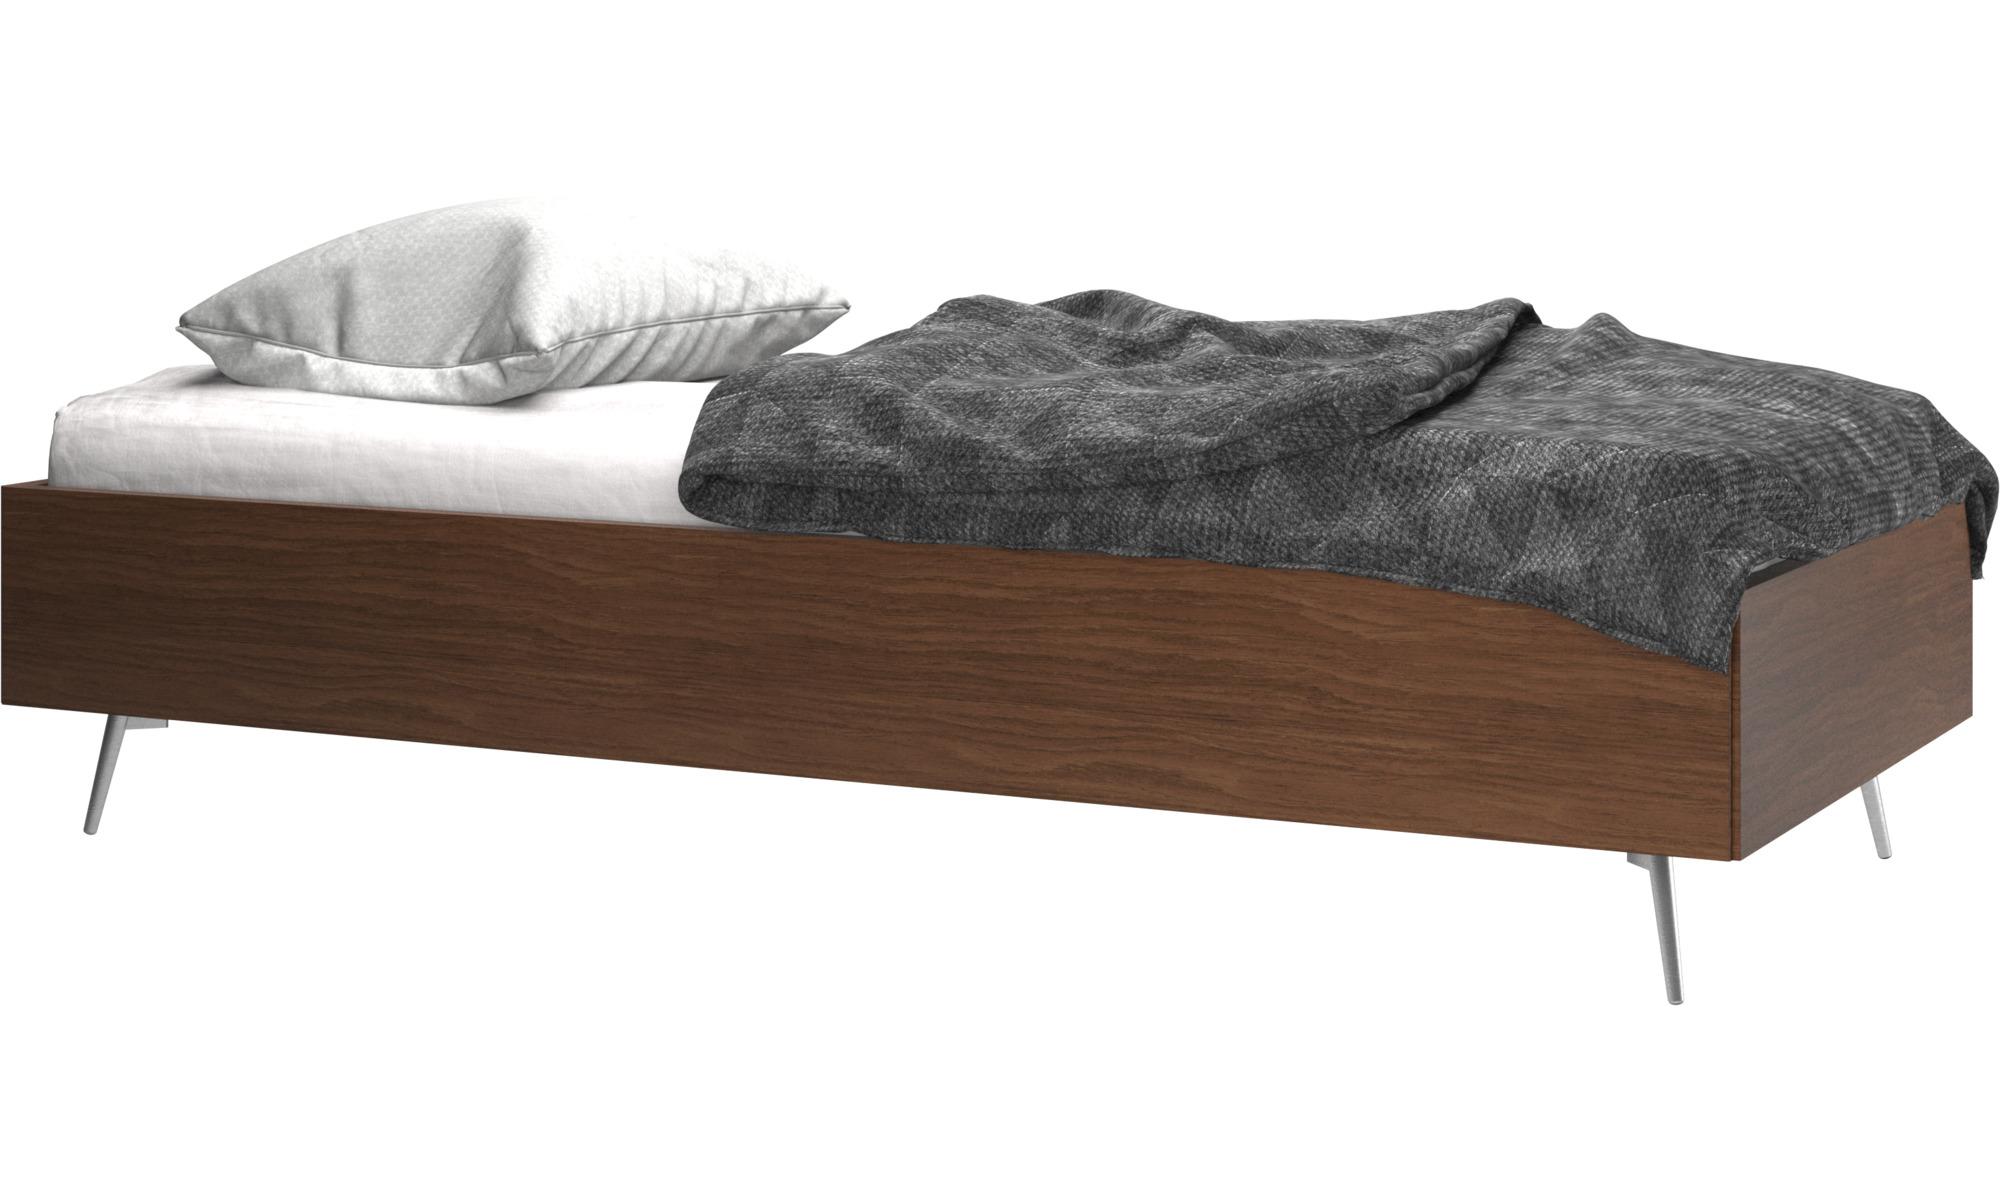 Camas - cama Lugano, no incluye colchón - BoConcept